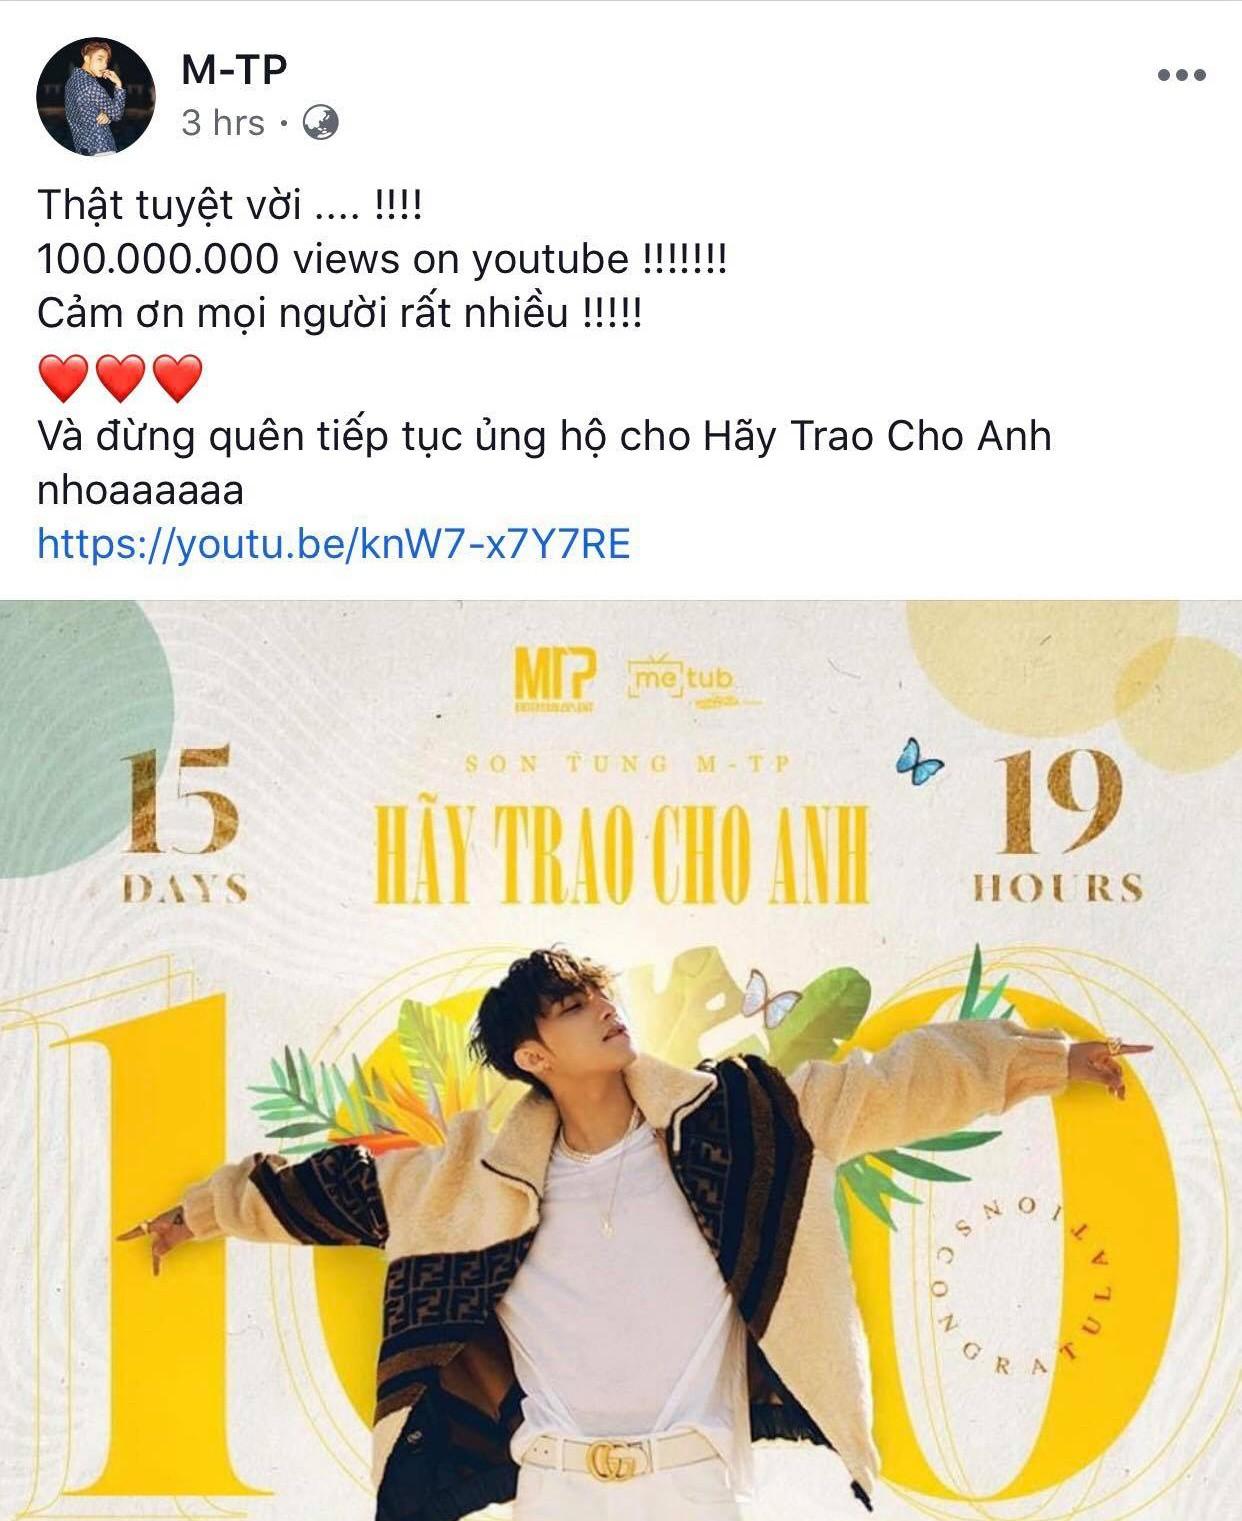 MV Hãy Trao Cho Anh đạt mốc 100 triệu views, Sơn Tùng M-TP vui quá viết caption chúc mừng... Em Của Ngày Hôm Qua - Ảnh 1.